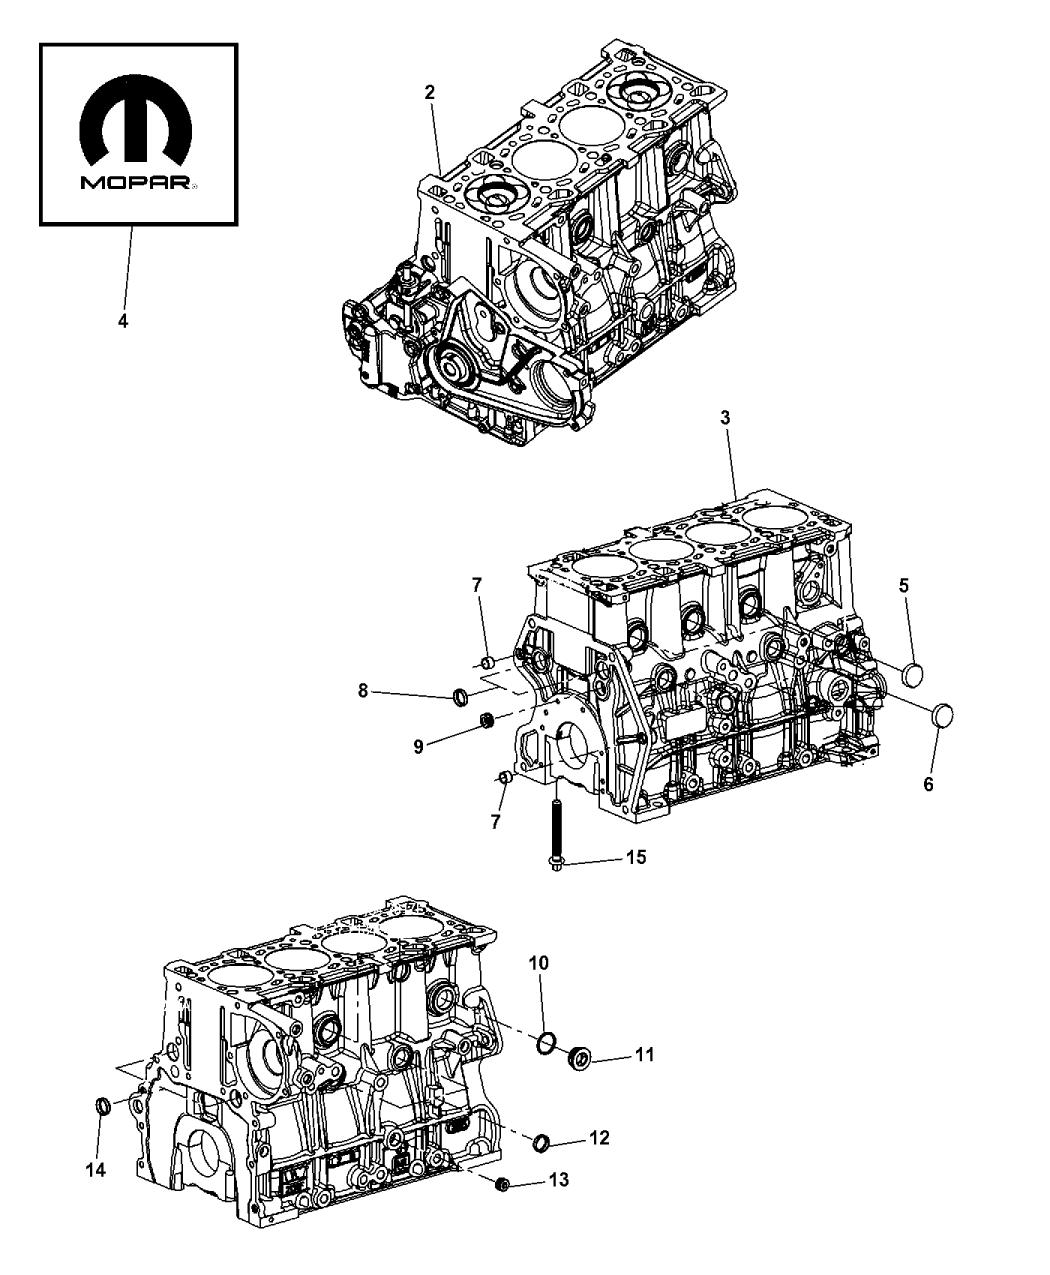 2008 jeep wrangler engine cylinder block & hardware - thumbnail 1